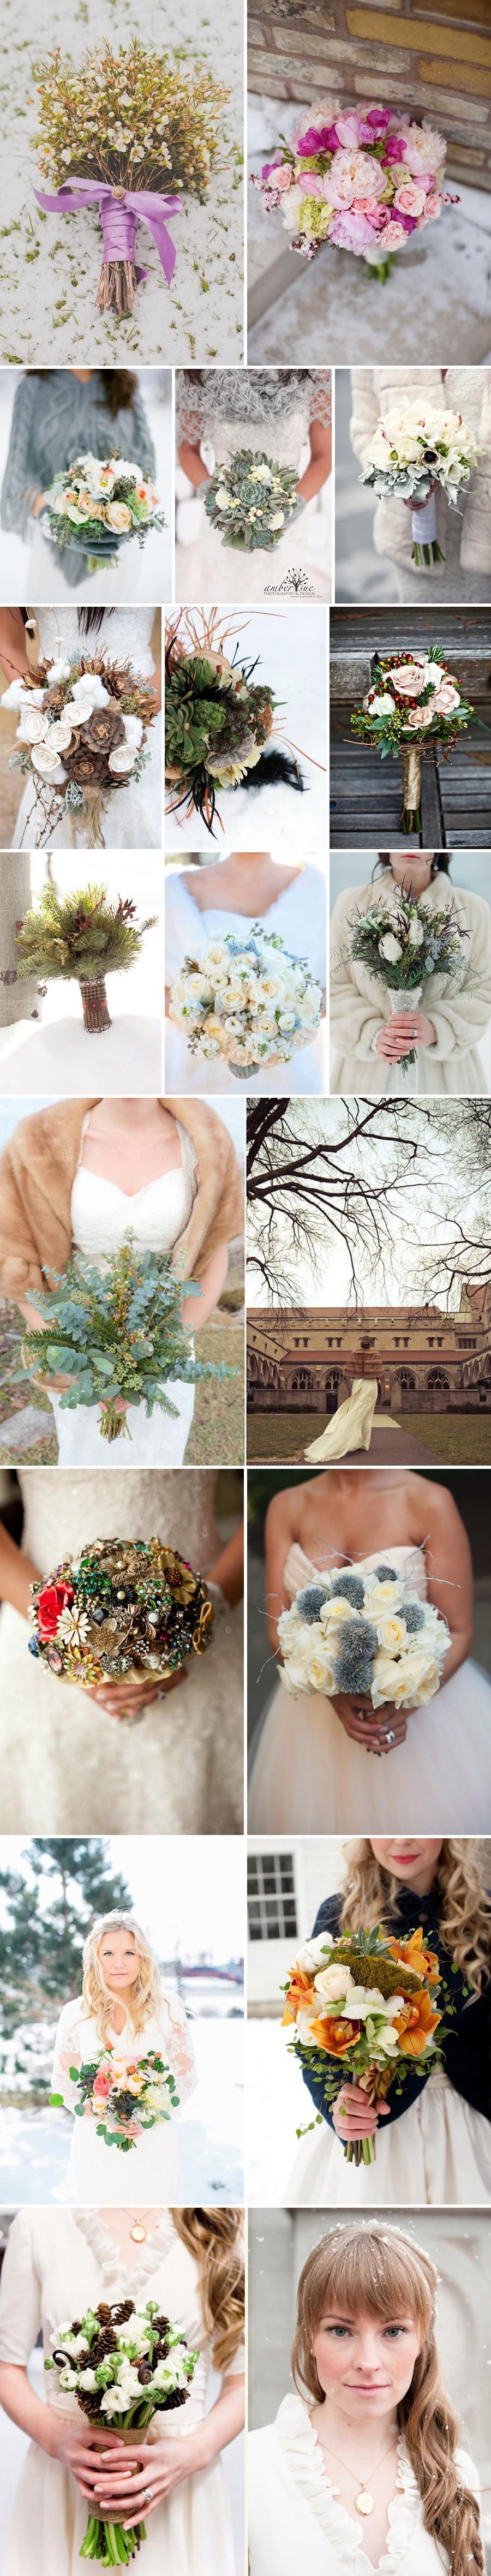 bukiet ślubny zimą zimowe kwiaty do ślubu